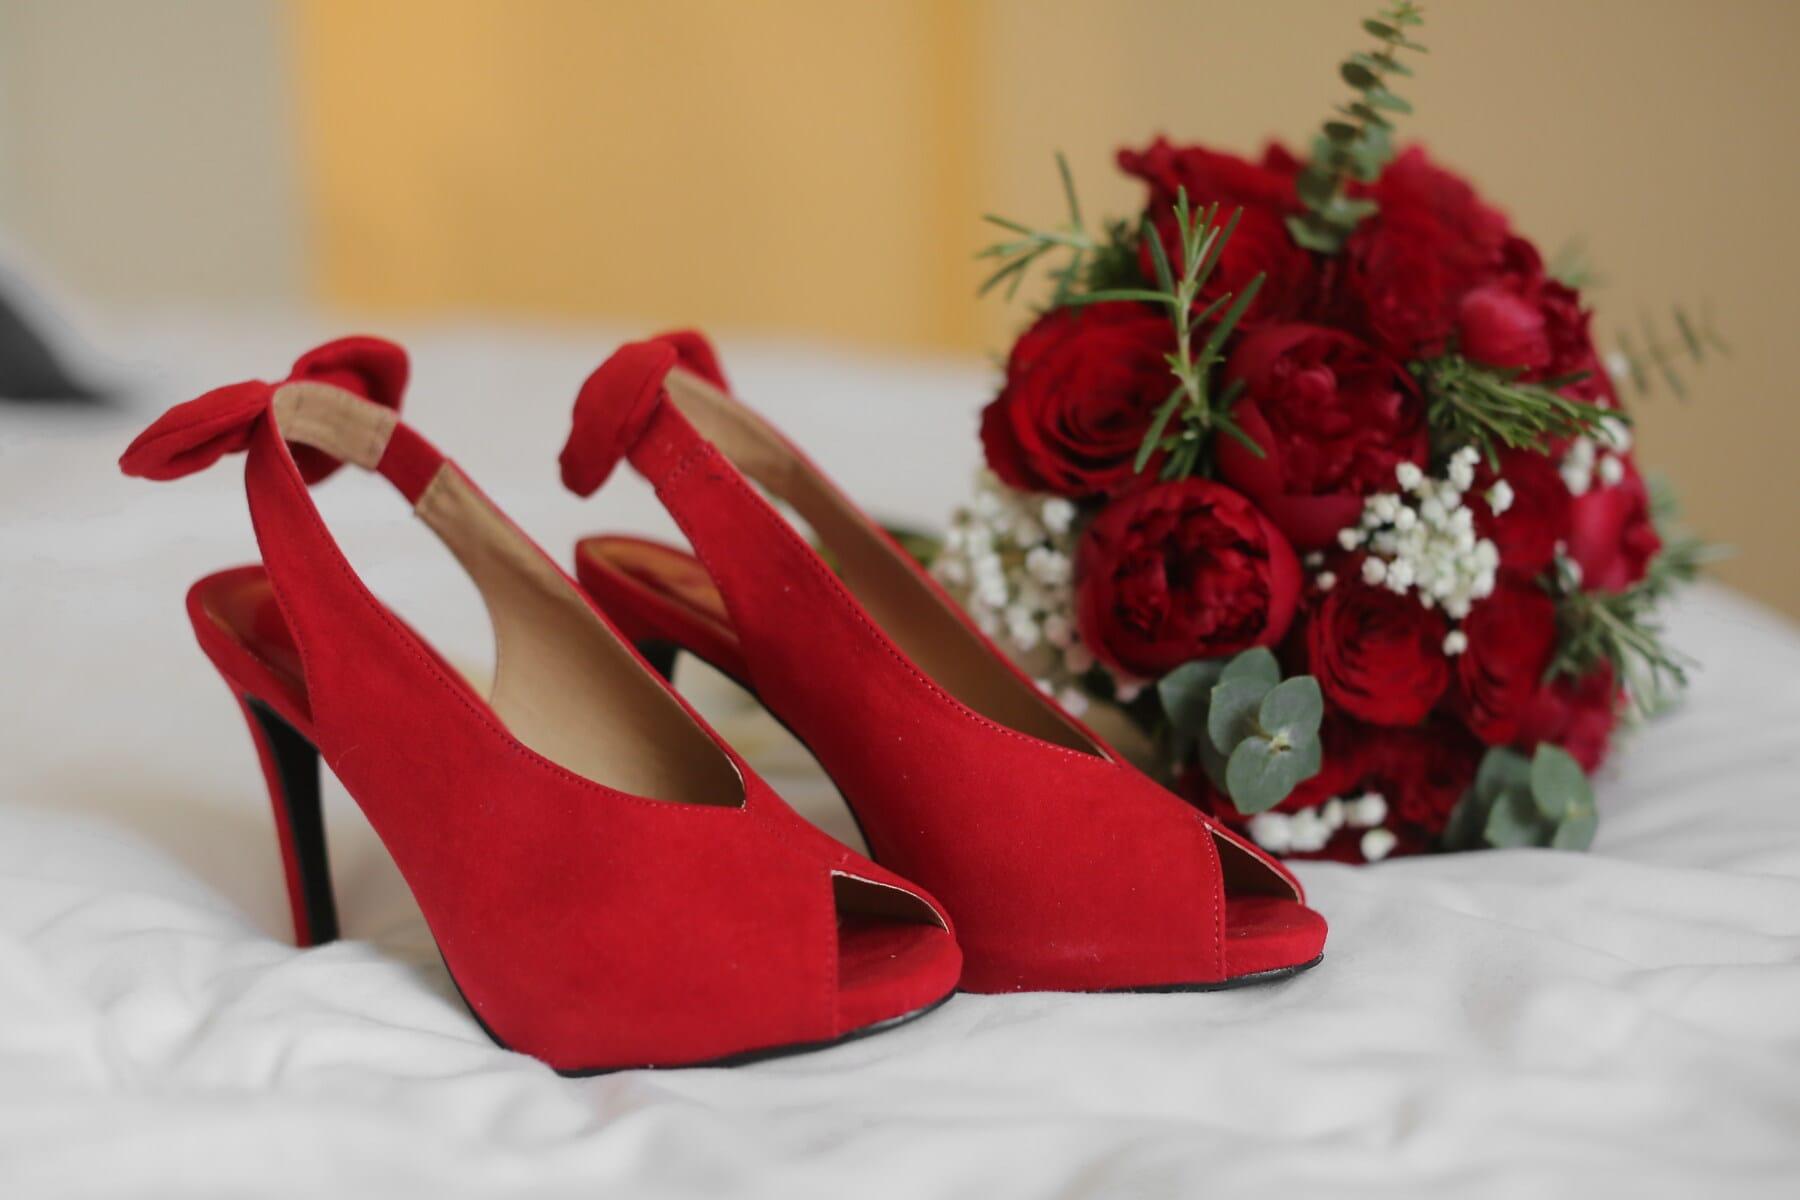 rot, Fersen, Schuhe, Sandale, Hochzeit, Hochzeitsstrauß, Blume, Anordnung, Blumenstrauß, Dekoration